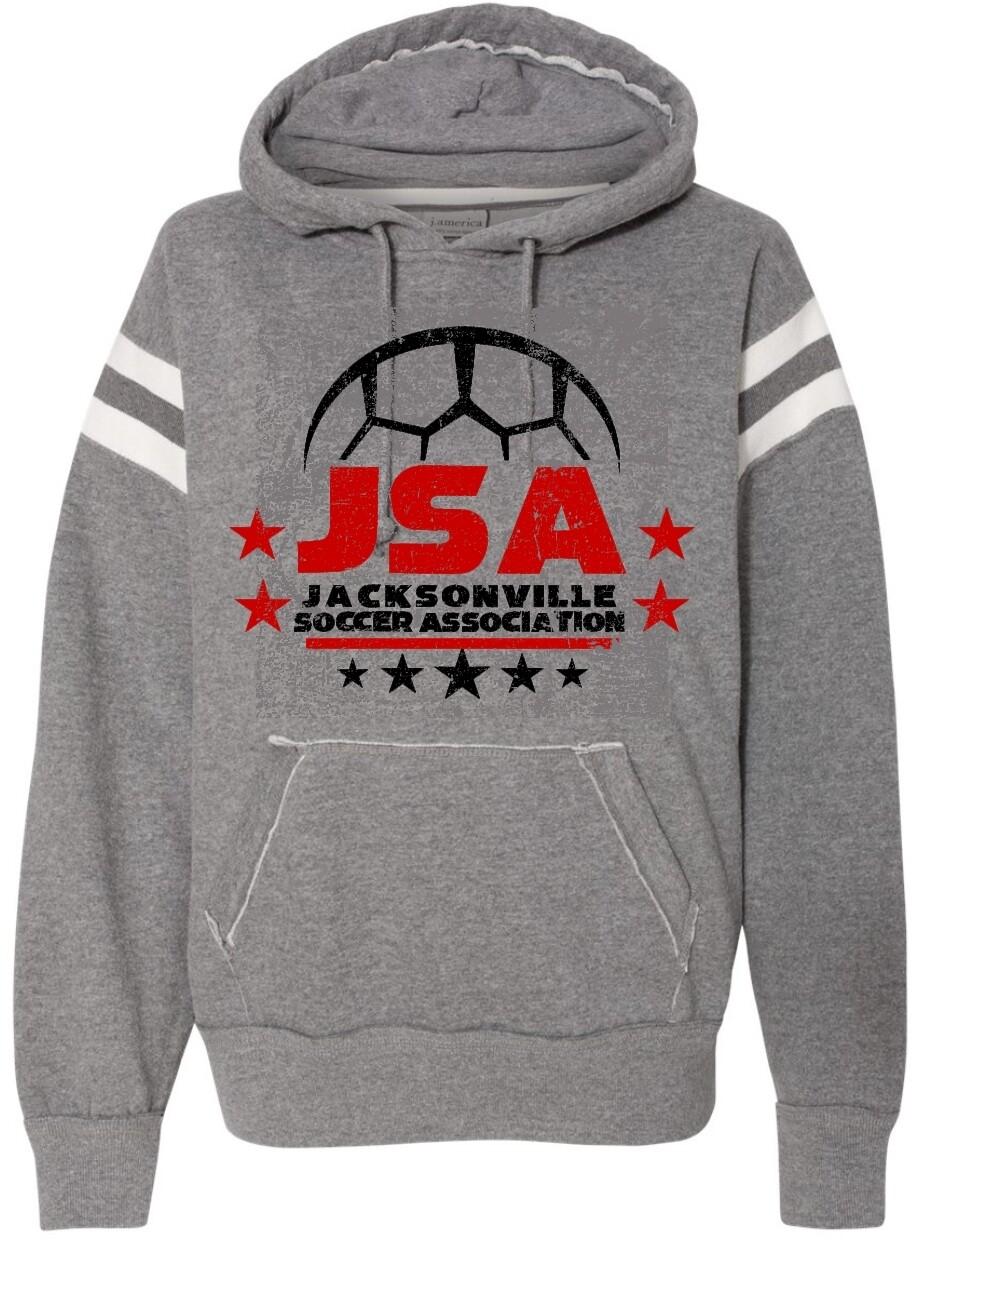 JSA-8847 ADULT HOODIE